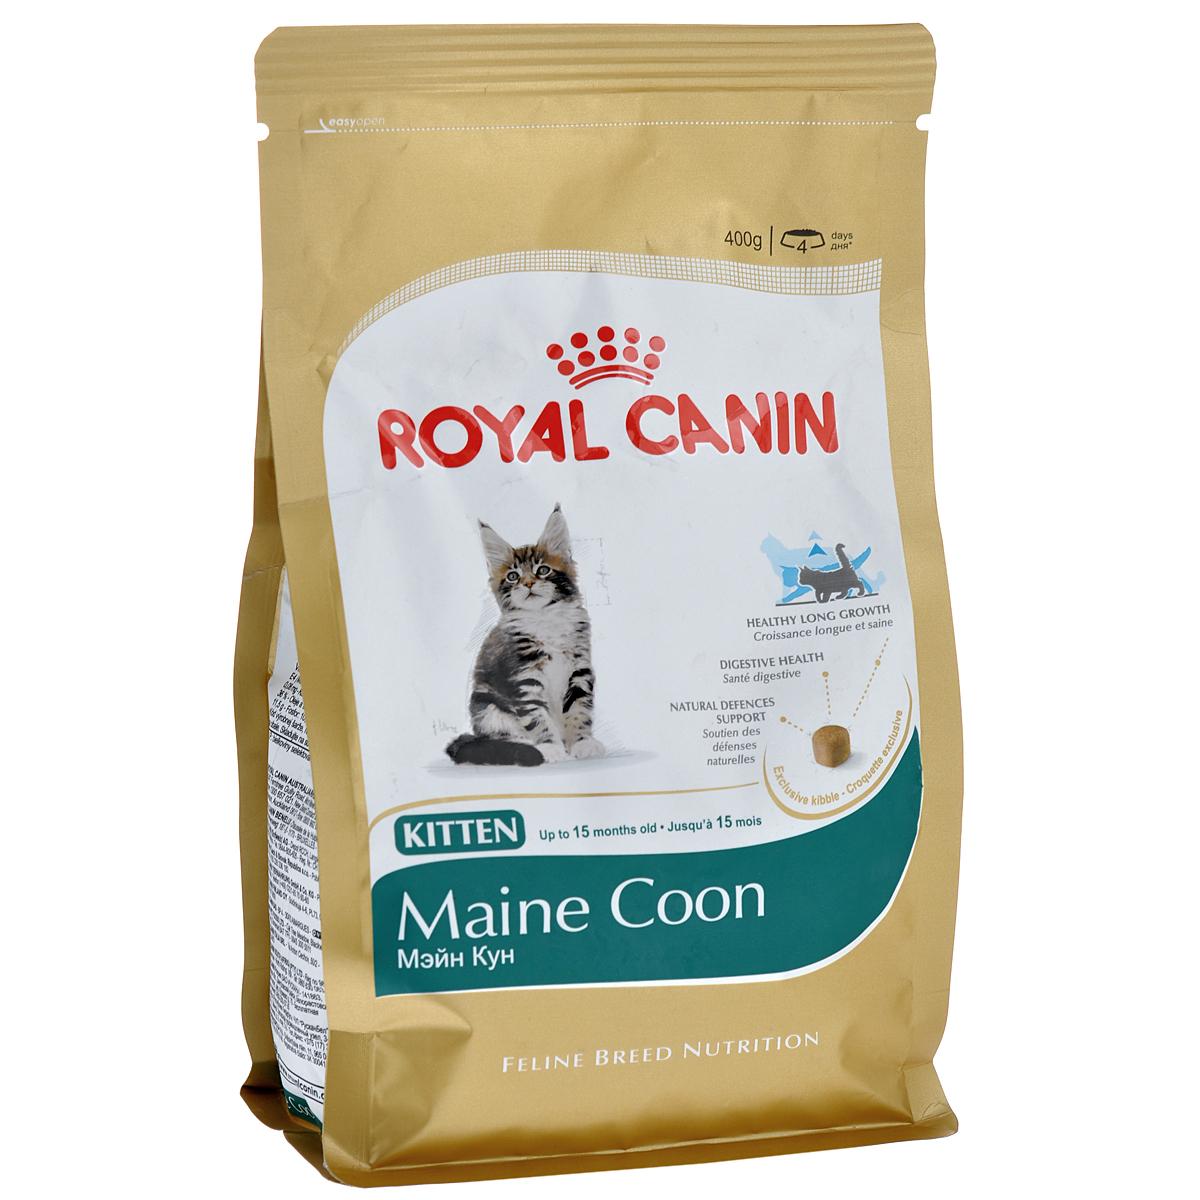 Корм сухой Royal Canin Maine Coon Kitten, для котят породы мейн-кун в возрасте от 3 до 15 месяцев, 400 г941Сухой корм Royal Canin Maine Coon Kitten - полнорационный корм для котят породы мейн-кун в возрасте от 3 до 15 месяцев.Фаза роста котят мейн-куна в силу их уникального экстерьера более продолжительна, чем у кошек других пород. Удивительный факт: трехмесячный мейн-кун весит около 2 кг — почти вдвое больше, чем котята других пород в этом возрасте! Длительный период роста.В силу своей особой комплекции котенок породы мейн-кун достигает зрелости только к 15 месяцам или даже позже. Длительный период роста означает, что диета для котят должна отвечать их специфическим потребностям в энергии: это обеспечит гармоничное и сбалансированное развитие. Для того чтобы обеспечить максимально сбалансированное развитие, следует заказать онлайн специальный корм, подходящий для этой породы.Чемпион по весу среди котят.Уже очень скоро котенок мейн-куна опережает по весу своих сверстников — представителей других пород кошек. Постепенно формируются массивные кости и мощные мышцы. Особо крупные самцы породы мейн-кун весят около 10 кг! Необыкновенно крупная мощная челюсть.Уже с раннего возраста котят мейн-куна отличает характерная для породы челюсть. Для правильного питания требуются крокеты соответствующего размера и формы.Maine Coon Kitten легко купить в магазинах наших партнеров. Выбирая Main Coon Kitten , вы получаете сбалансированный корм для котят мейн-кунов. Поддержание здоровья в период длительного роста.Котятам породы мейн-кун свойствен долгий период роста. В течение этого времени им необходим корм с особым нутриентным профилем и оптимальной калорийностью. Продукт MAINE COON KITTEN позволяет поддерживать здоровье костей и суставов котят благодаря оптимизированному содержанию белков и сбалансированному составу минеральных веществ и витаминов (кальция, фосфора, витамина D). Здоровье пищеварительной системы.Продукт способствует поддержанию баланса кишечной флоры и кишечной перено